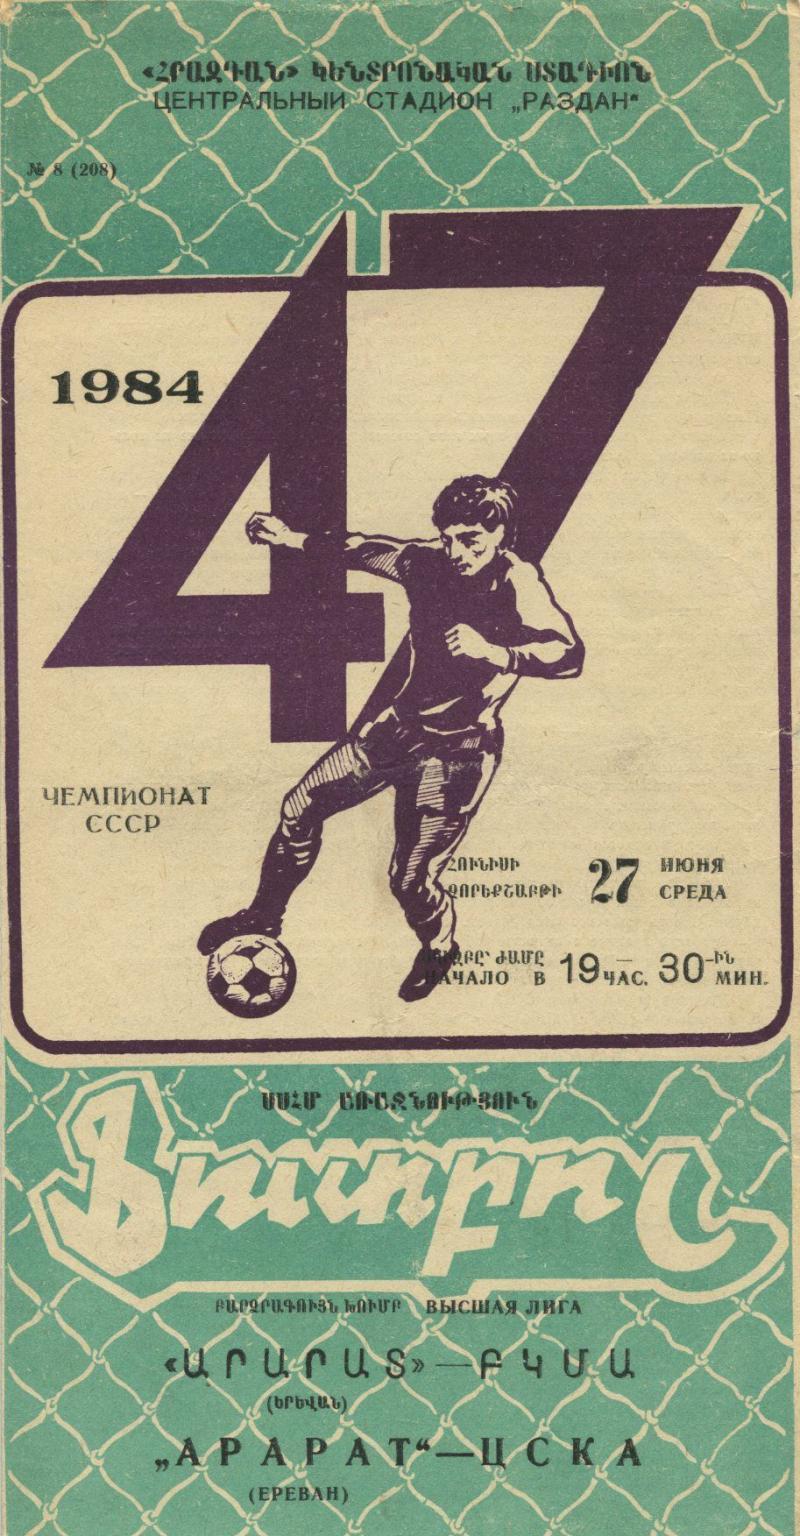 Арарат (Ереван) - ЦСКА (Москва) 2:0. Нажмите, чтобы посмотреть истинный размер рисунка